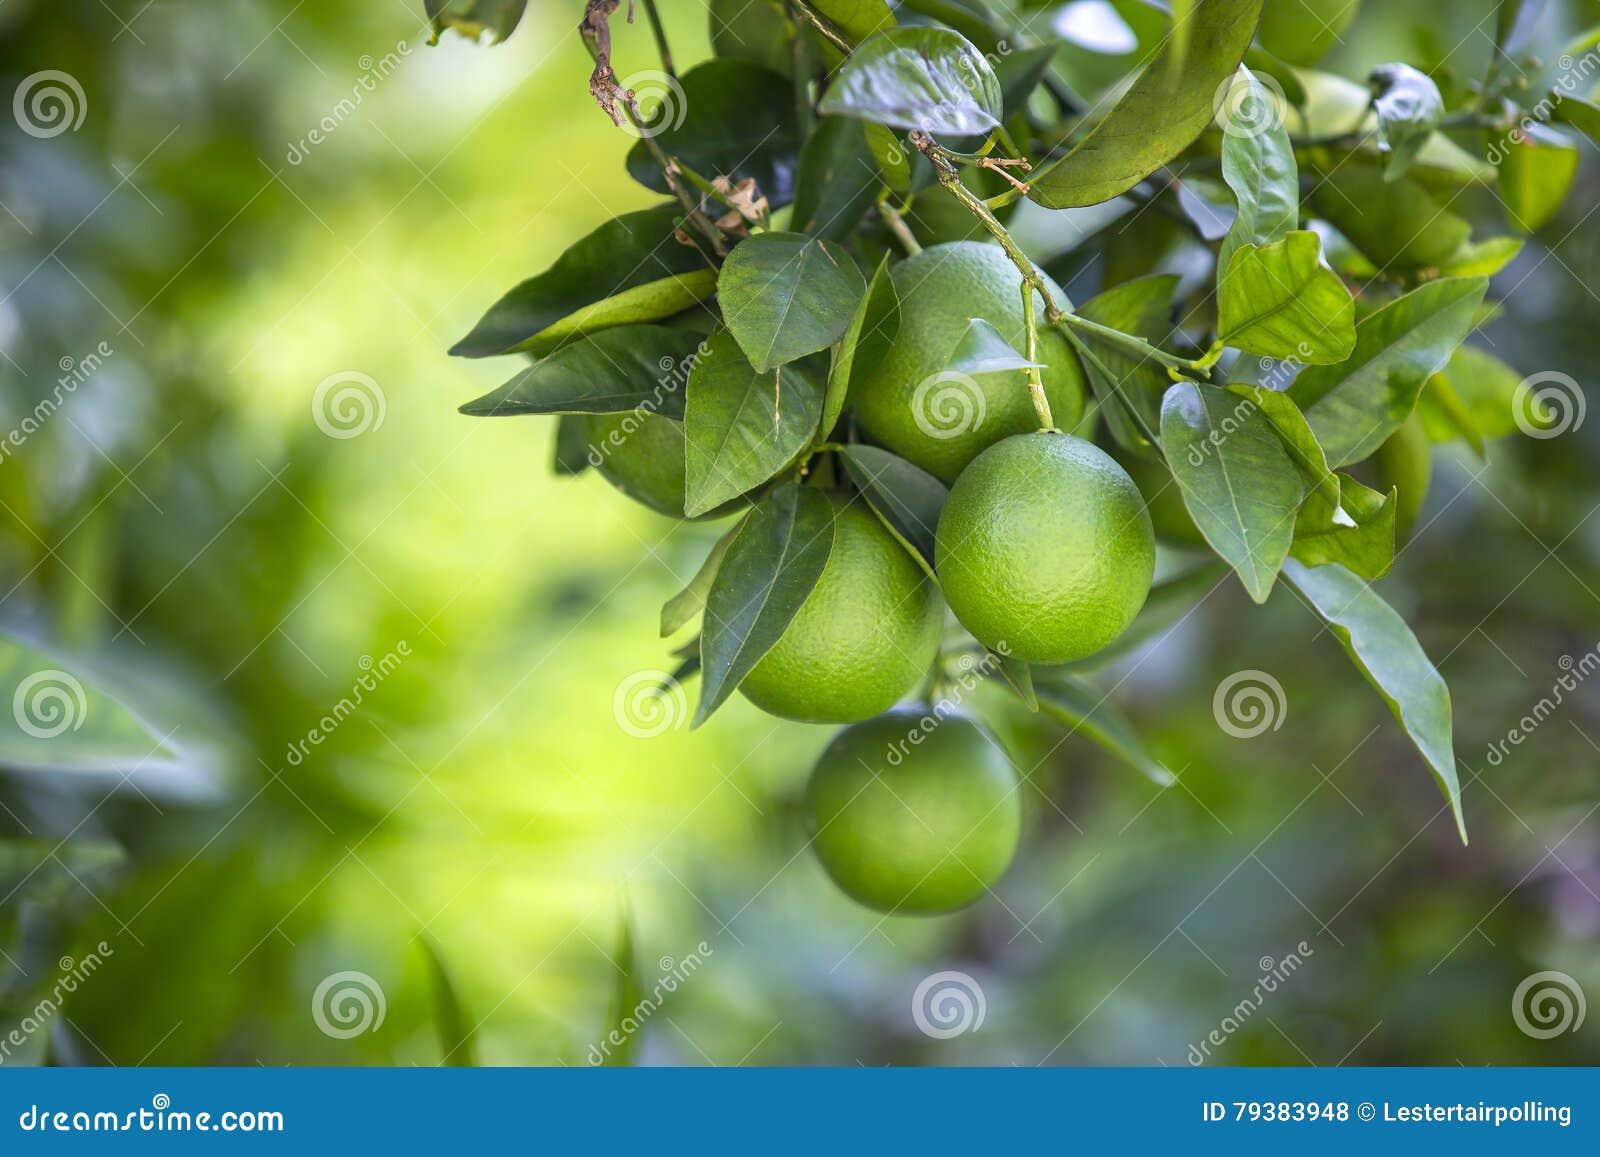 Fruits померанцовый вал